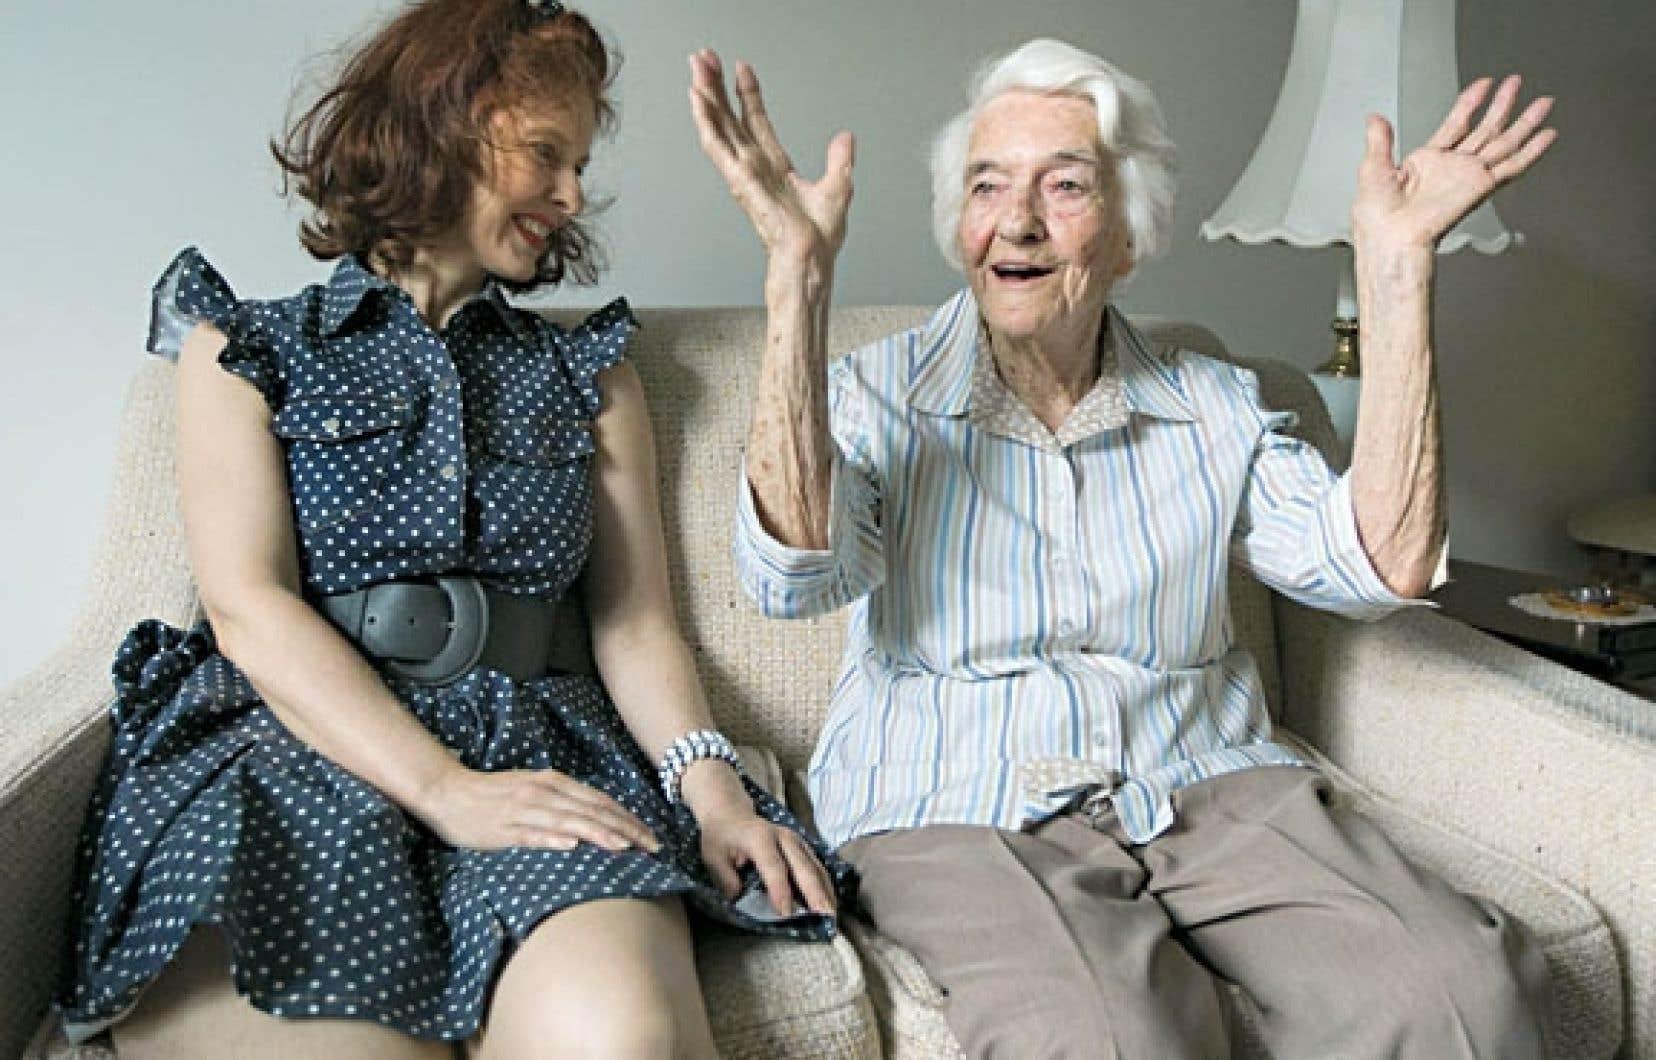 Martine et Alda. Avec le temps, une véritable amitié s'est tissée entre les deux femmes, malgré les 47 ans qui les séparent. « Une chance que je l'ai, parce que je trouve le temps long parfois », avoue Alda.